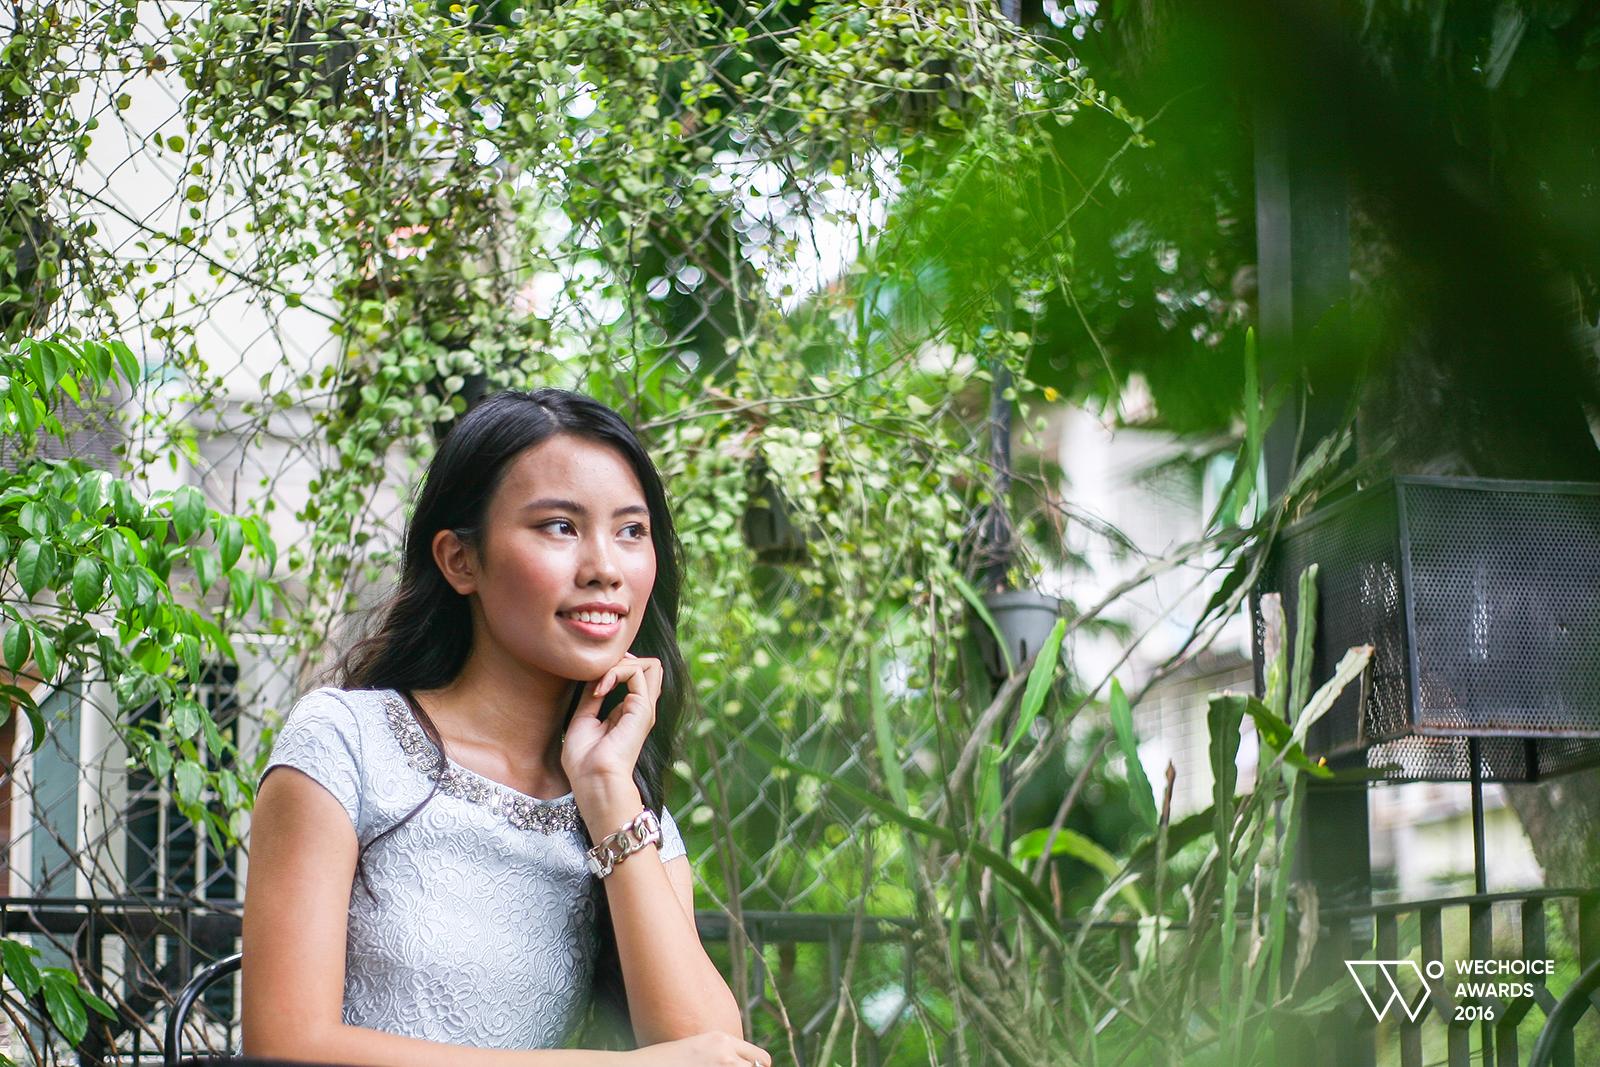 Nữ sinh 17 tuổi mang hội thảo Mô phỏng Liên Hợp Quốc về cho các bạn trẻ Việt Nam - Ảnh 10.